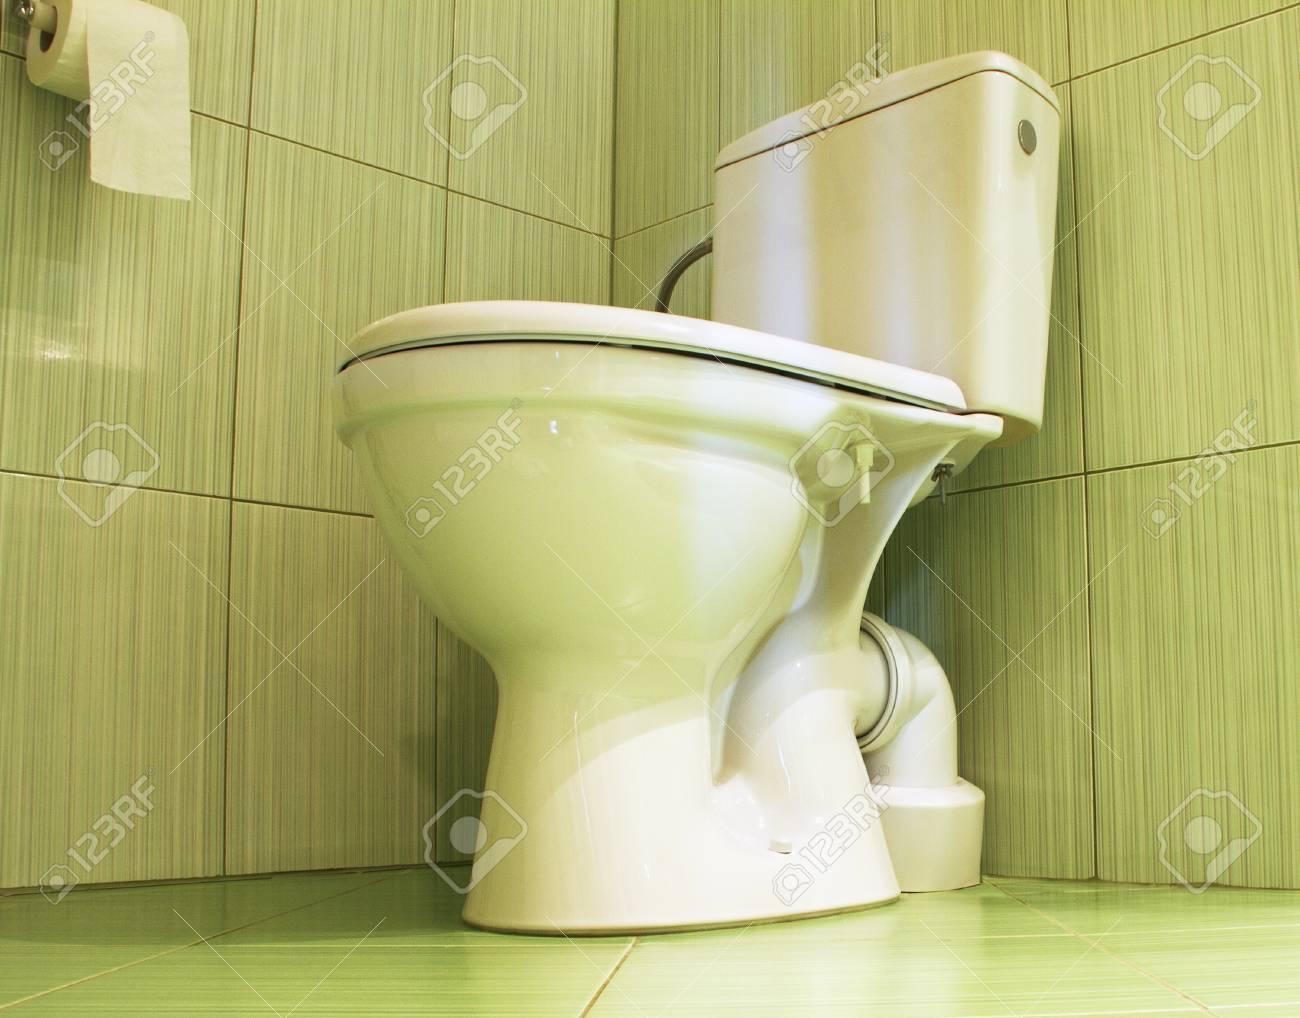 Weiß WC In Einem Badezimmer Mit Grünen Fliesen Lizenzfreie Fotos ...